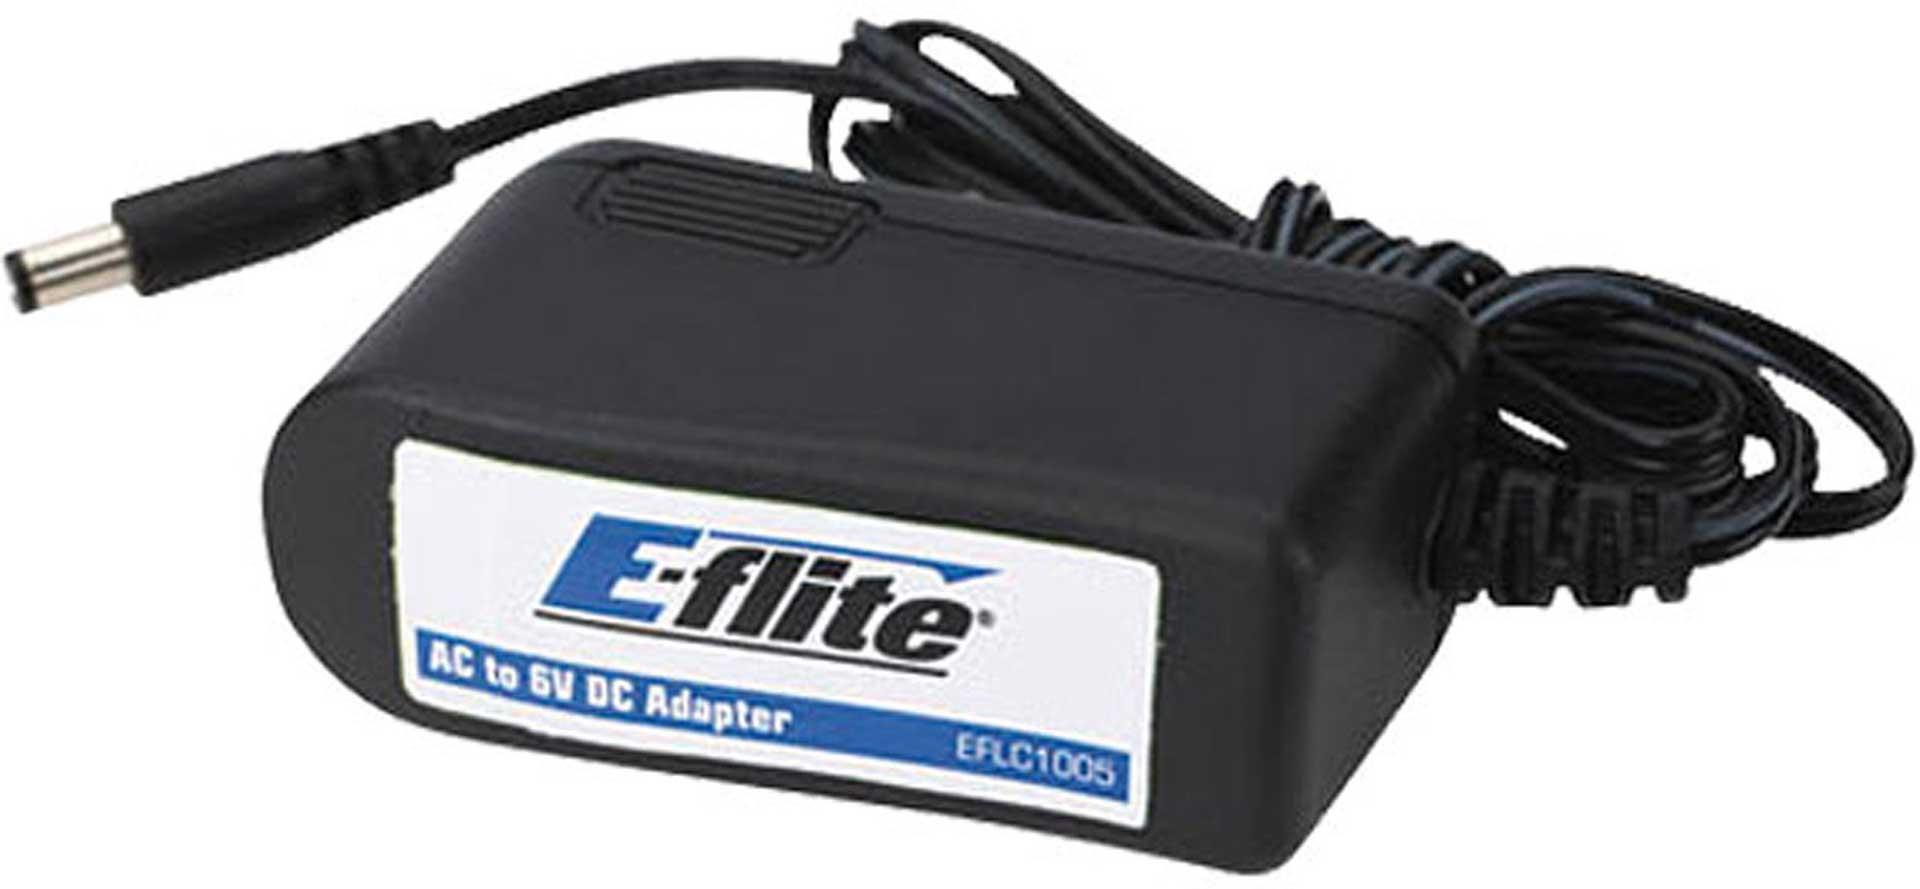 E-flite 1,5A 6V Netzteil für 4-Port-Ladegerät